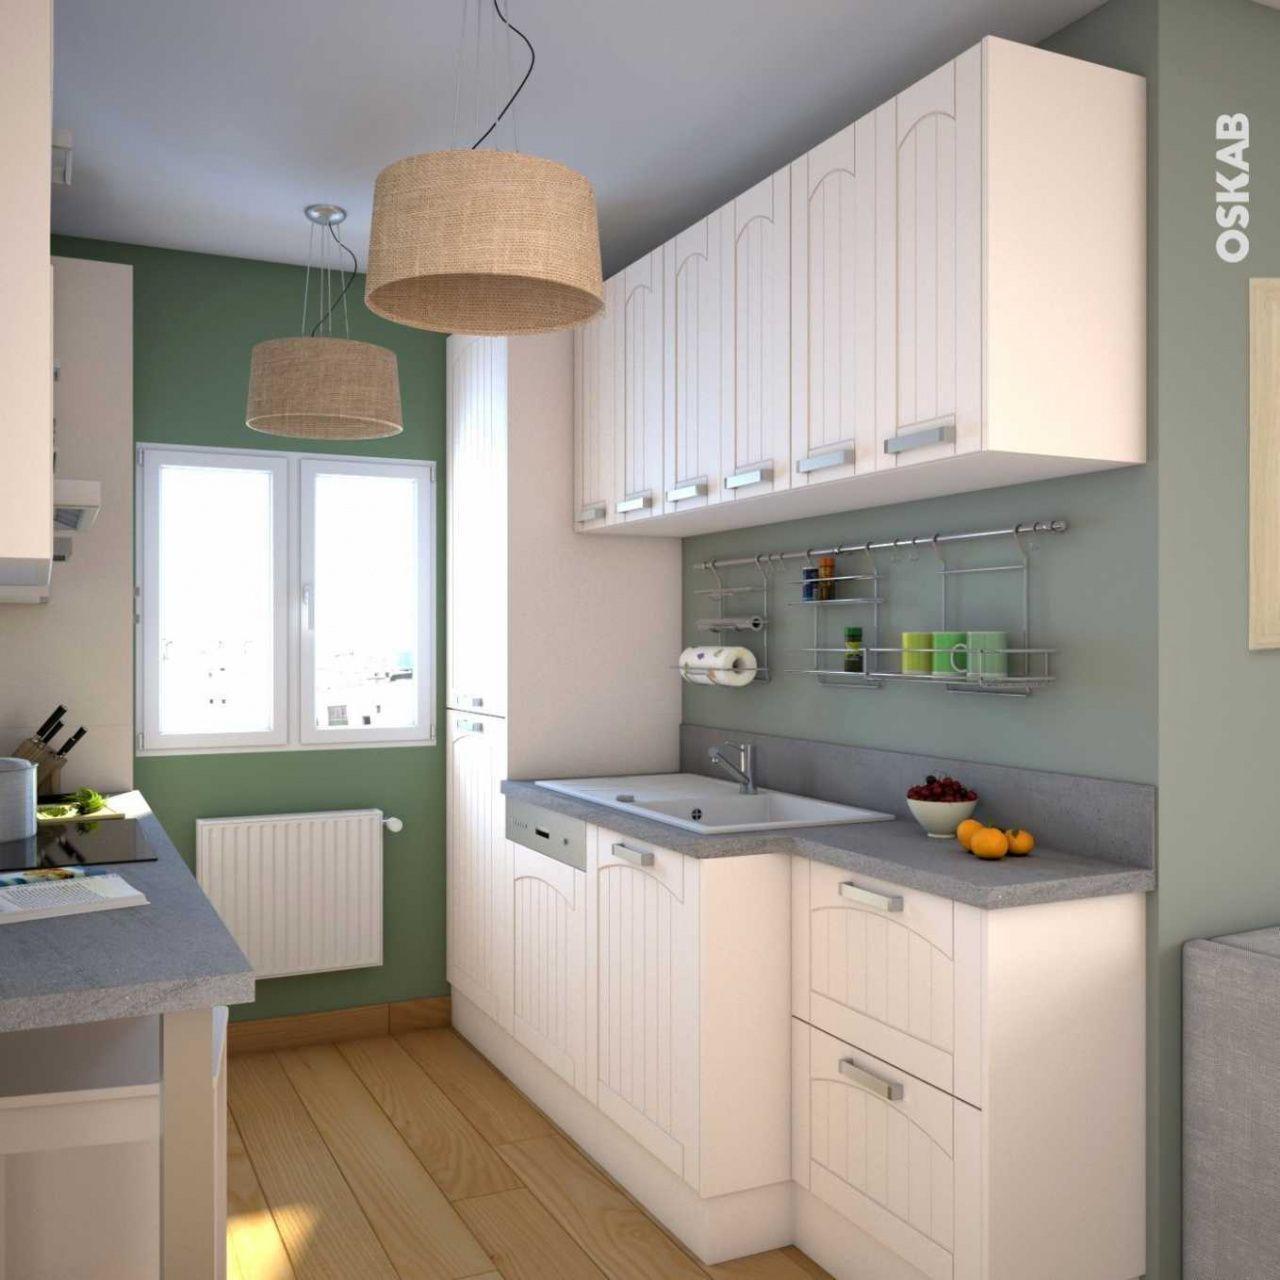 12 Facade Cuisine Ikea Faktum  Facade cuisine ikea, Facade